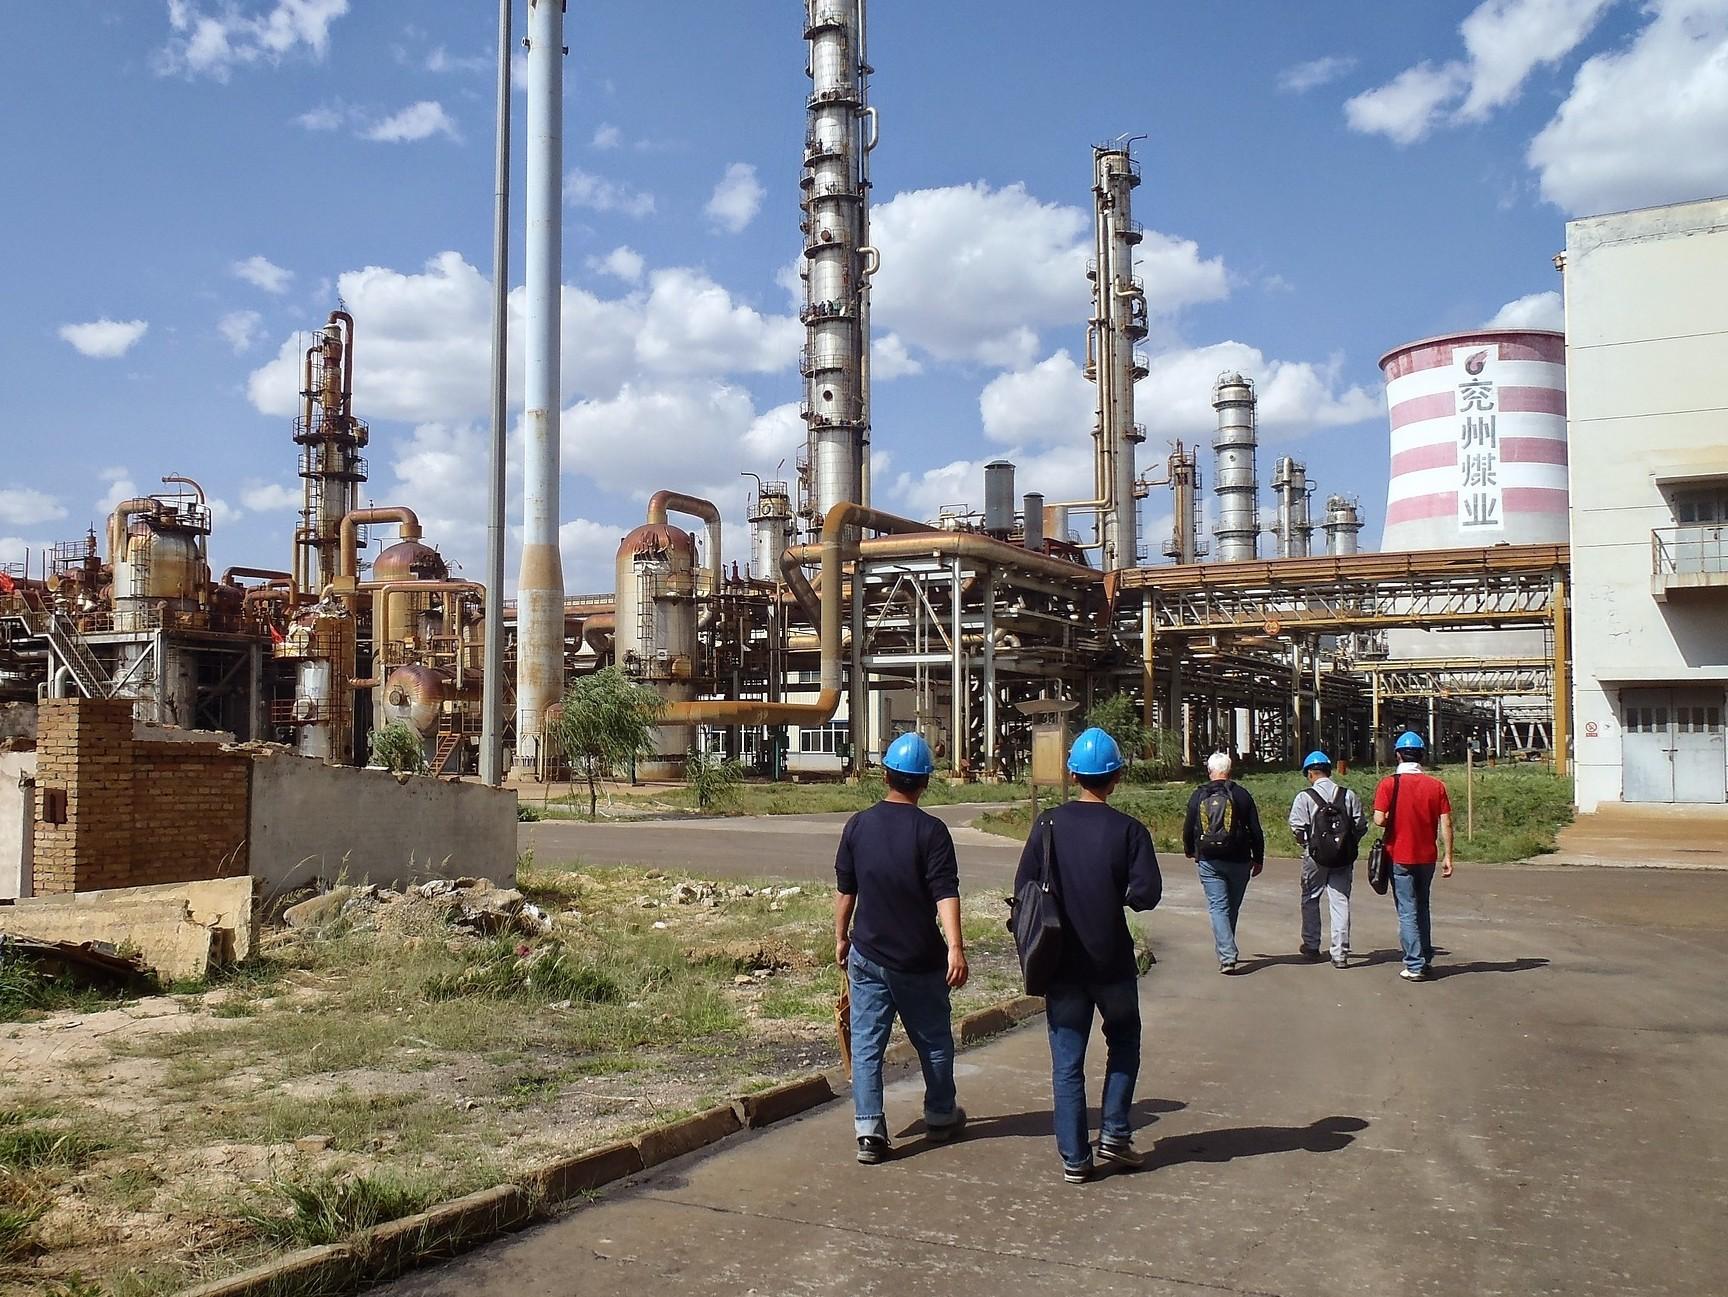 ▲工廠,勞工。(圖/取自免費圖庫Pixabay)